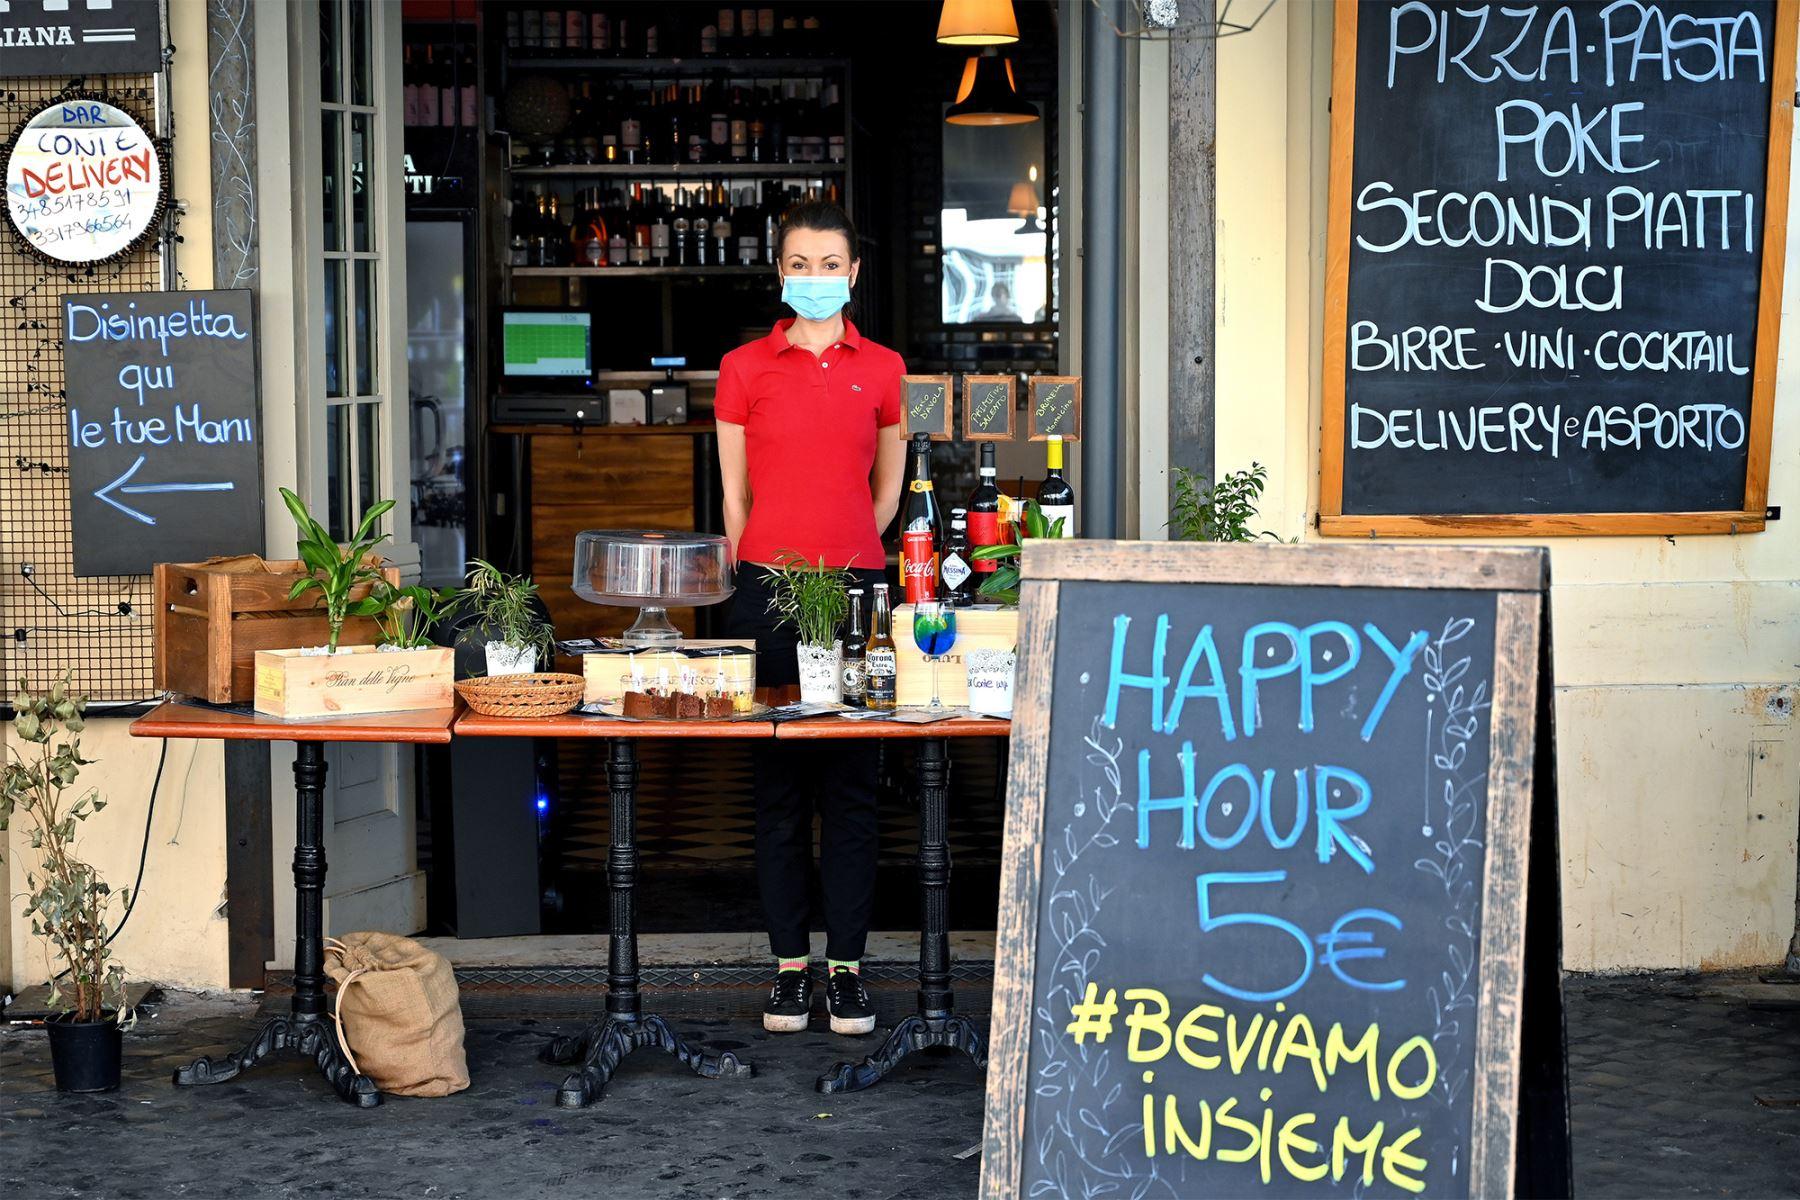 Un empleado de un restaurante que realiza entregas de alimentos y bebidas posa en el centro de Roma. Foto: AFP